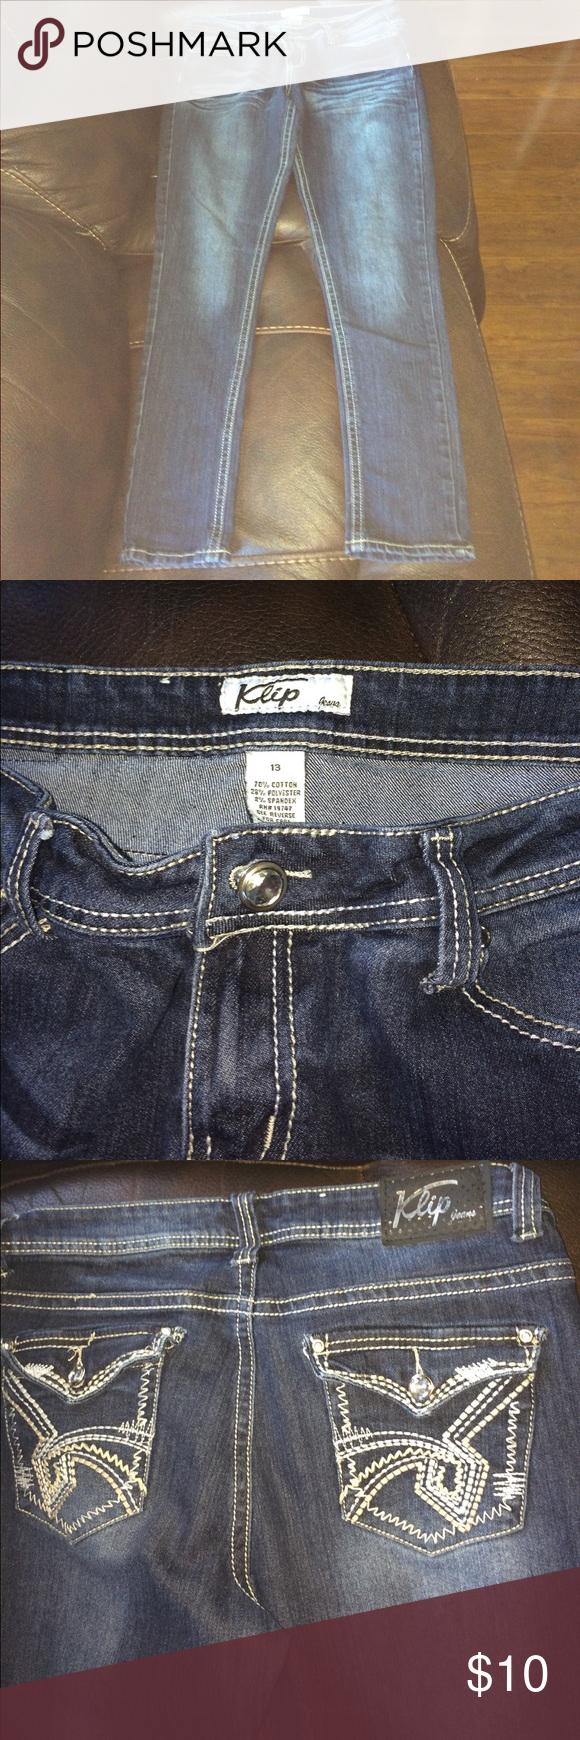 Excellent condition women's size 13 jeans 👖 Excellent condition women's size 13 jeans 👖 Jeans Straight Leg